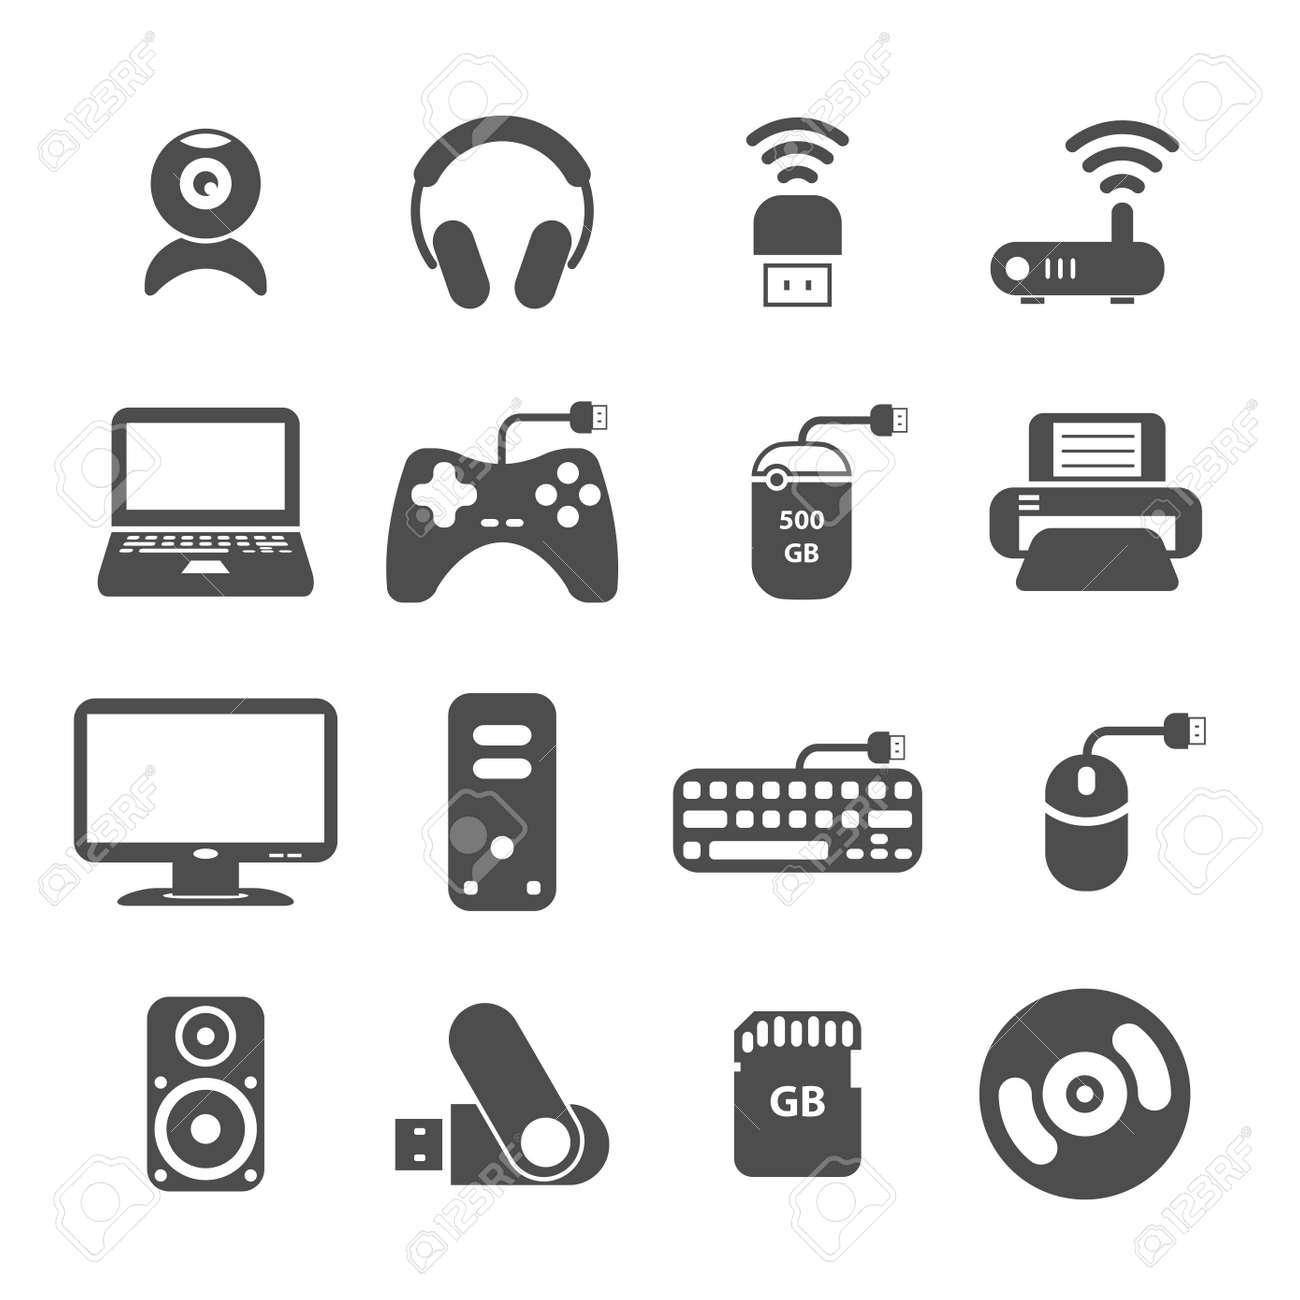 Computer Und Zubehör Icon-Set, Ist Jedes Symbol Ein Einzelnes Objekt ...